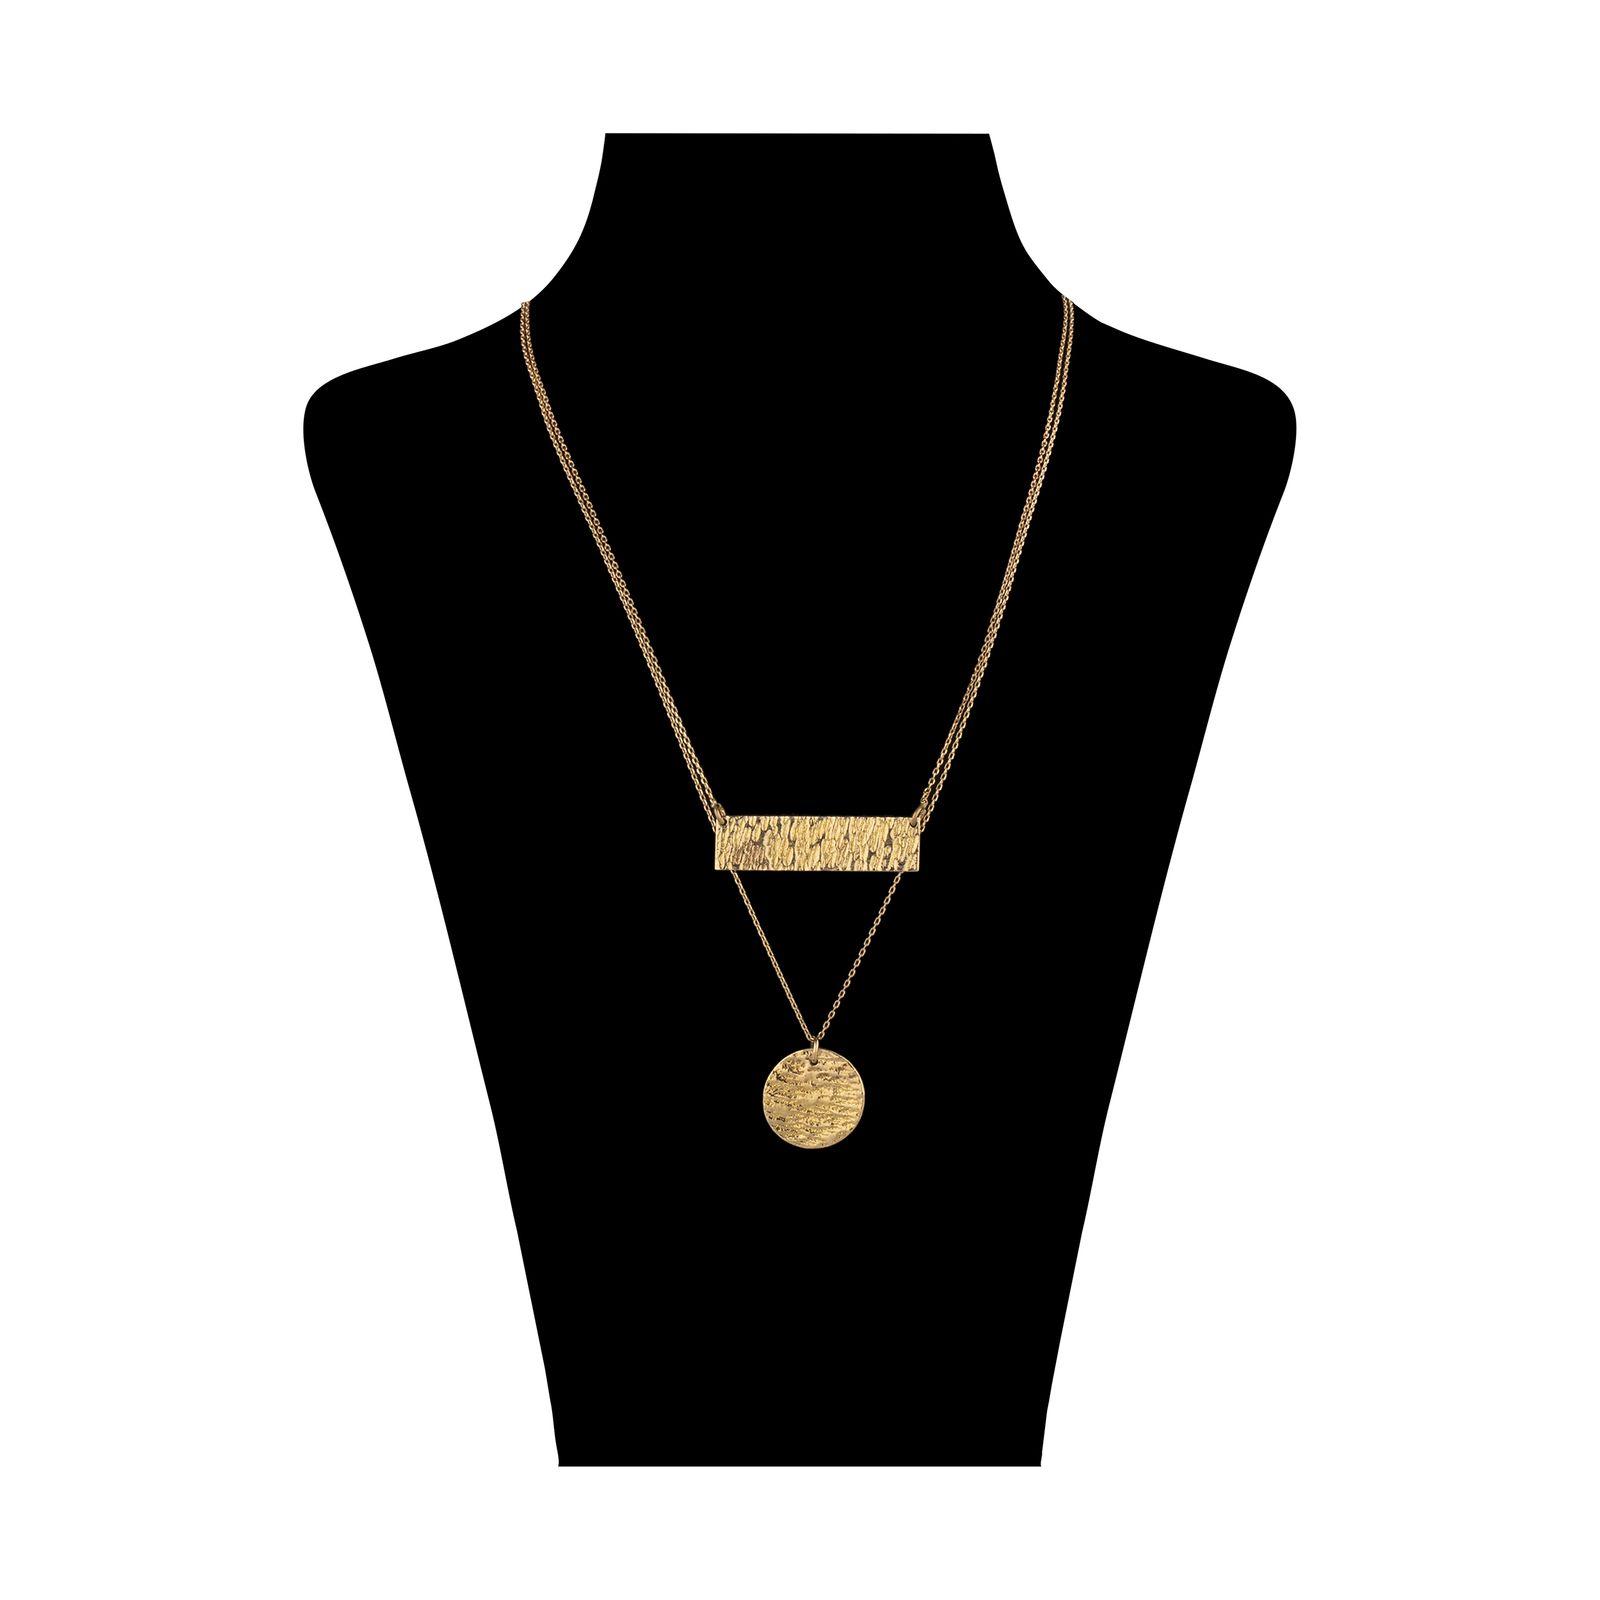 گردنبند طلا 18 عیار زنانه سنجاق مدل X077574 -  - 1